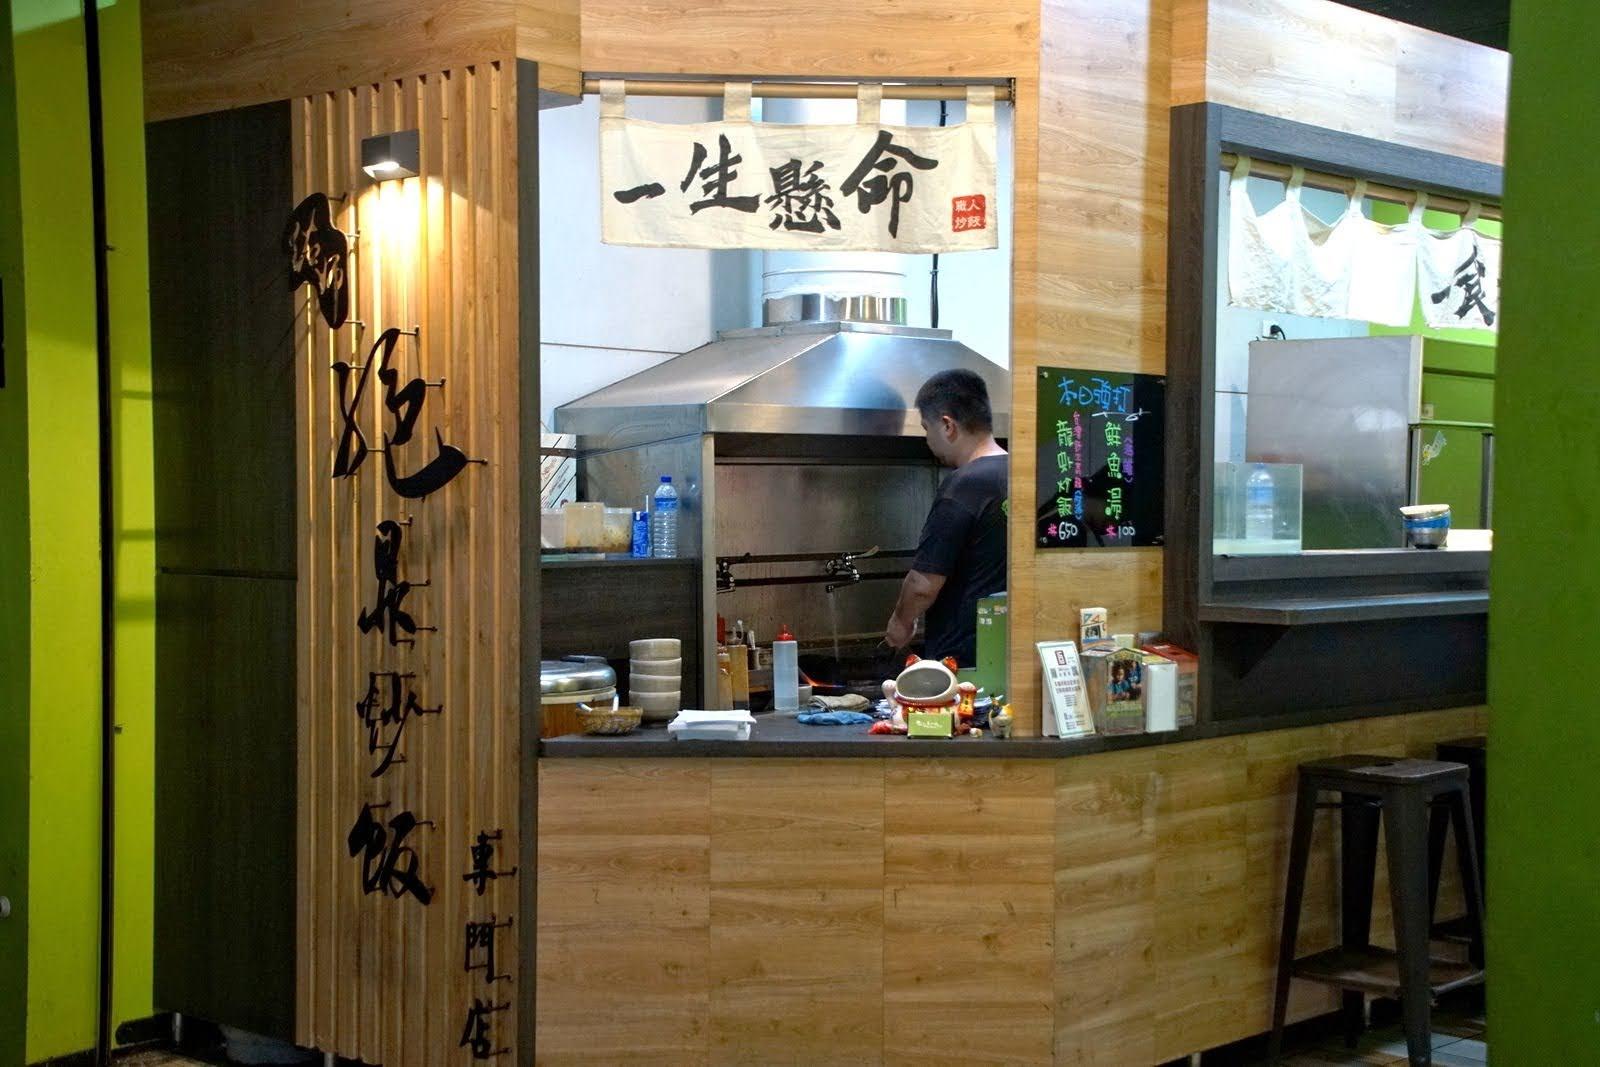 [台南][永康區] 佑師絕鼎炒飯專門店|華麗與功力兼具的炒飯小店|食記